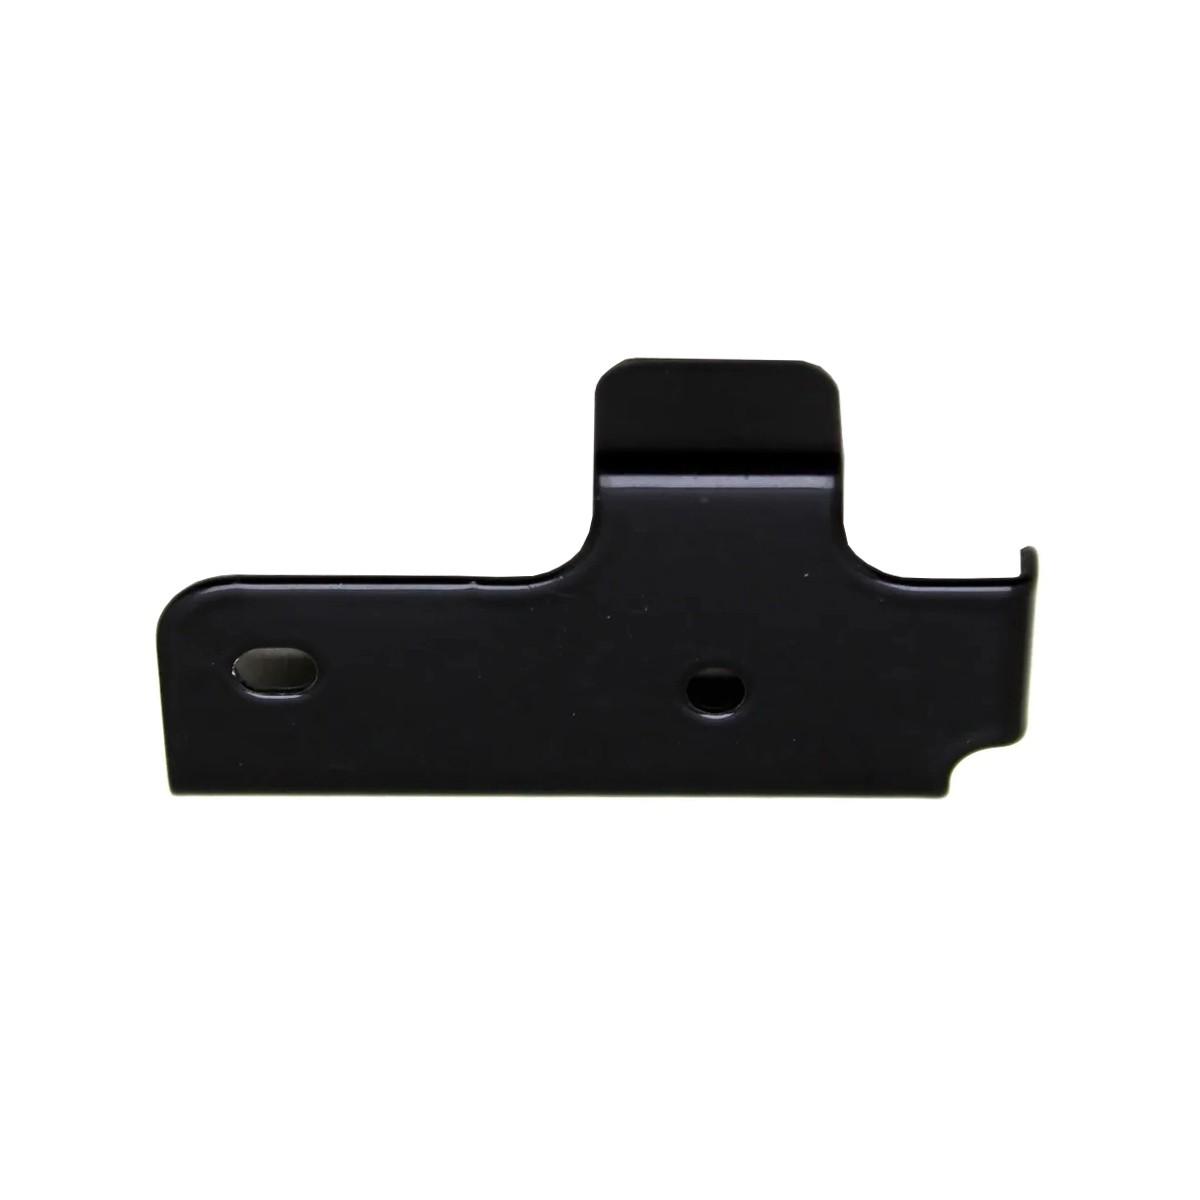 Suporte Inferior Esquerdo Do Vidro Para Fogão Electrolux - 72600903